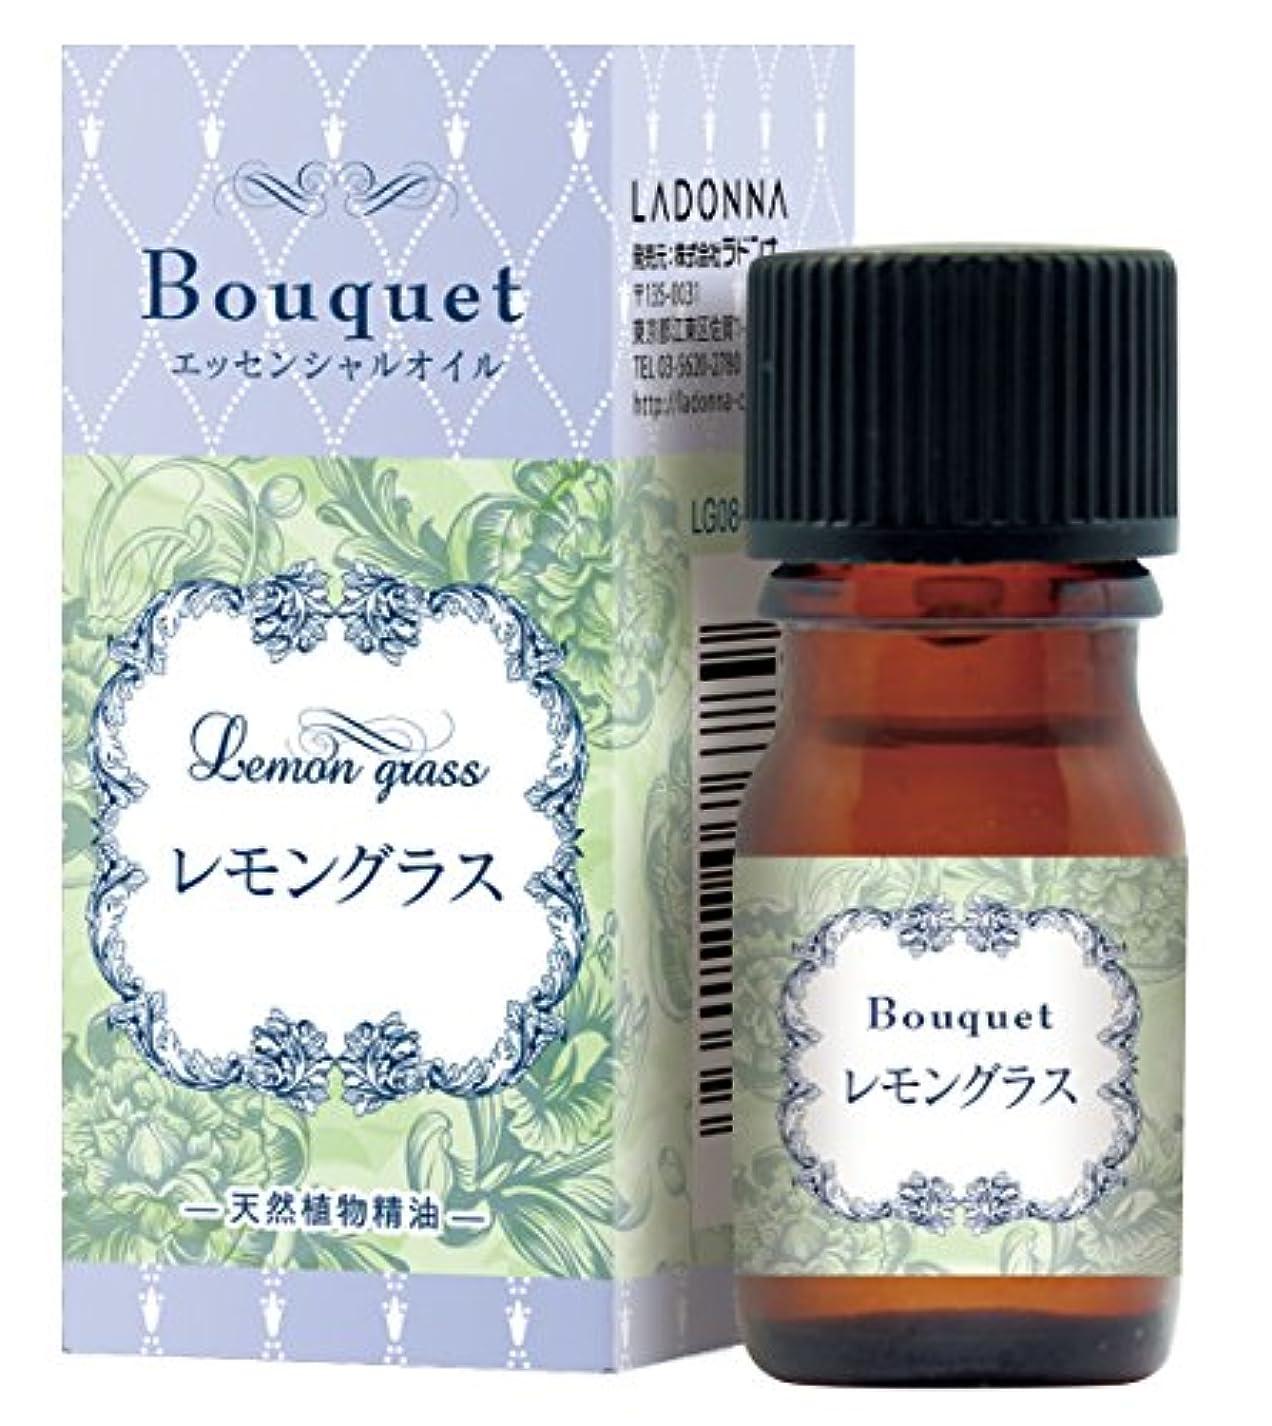 花束クレジット体現するラドンナ エッセンシャルオイル -天然植物精油- Bouquet(ブーケ) LG08-EO レモングラス